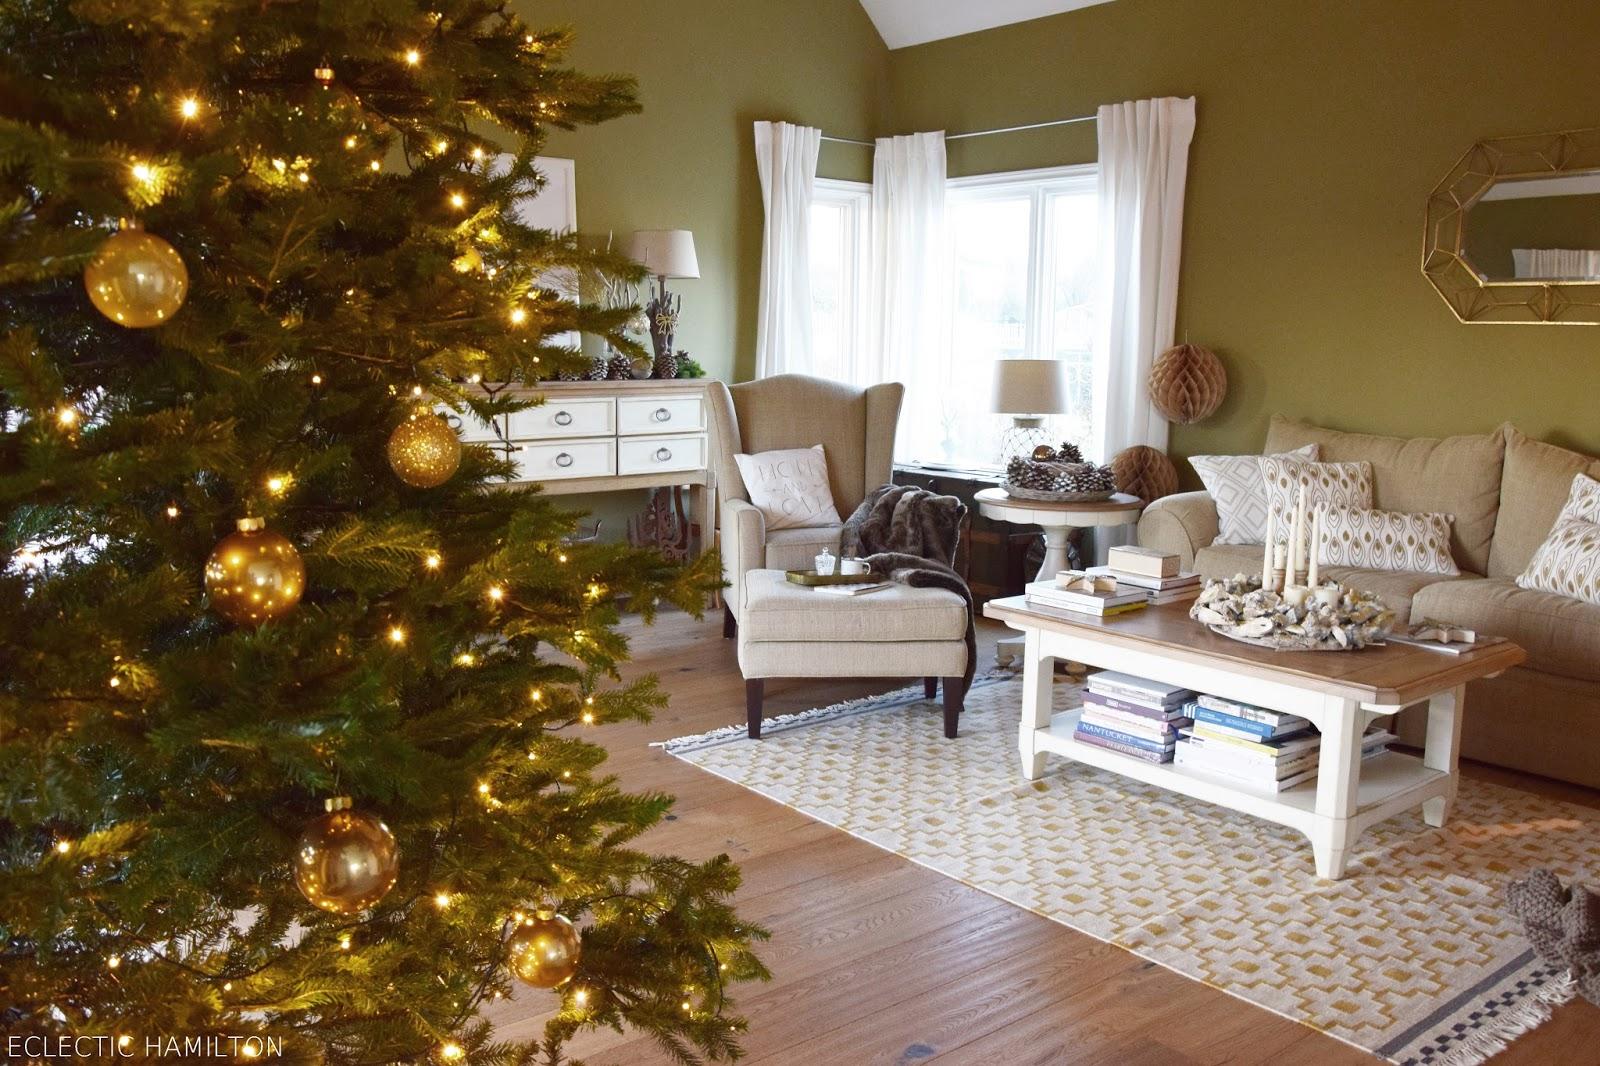 Weihnachten Wohnzimmer Dekorieren Ideen Badezimmer